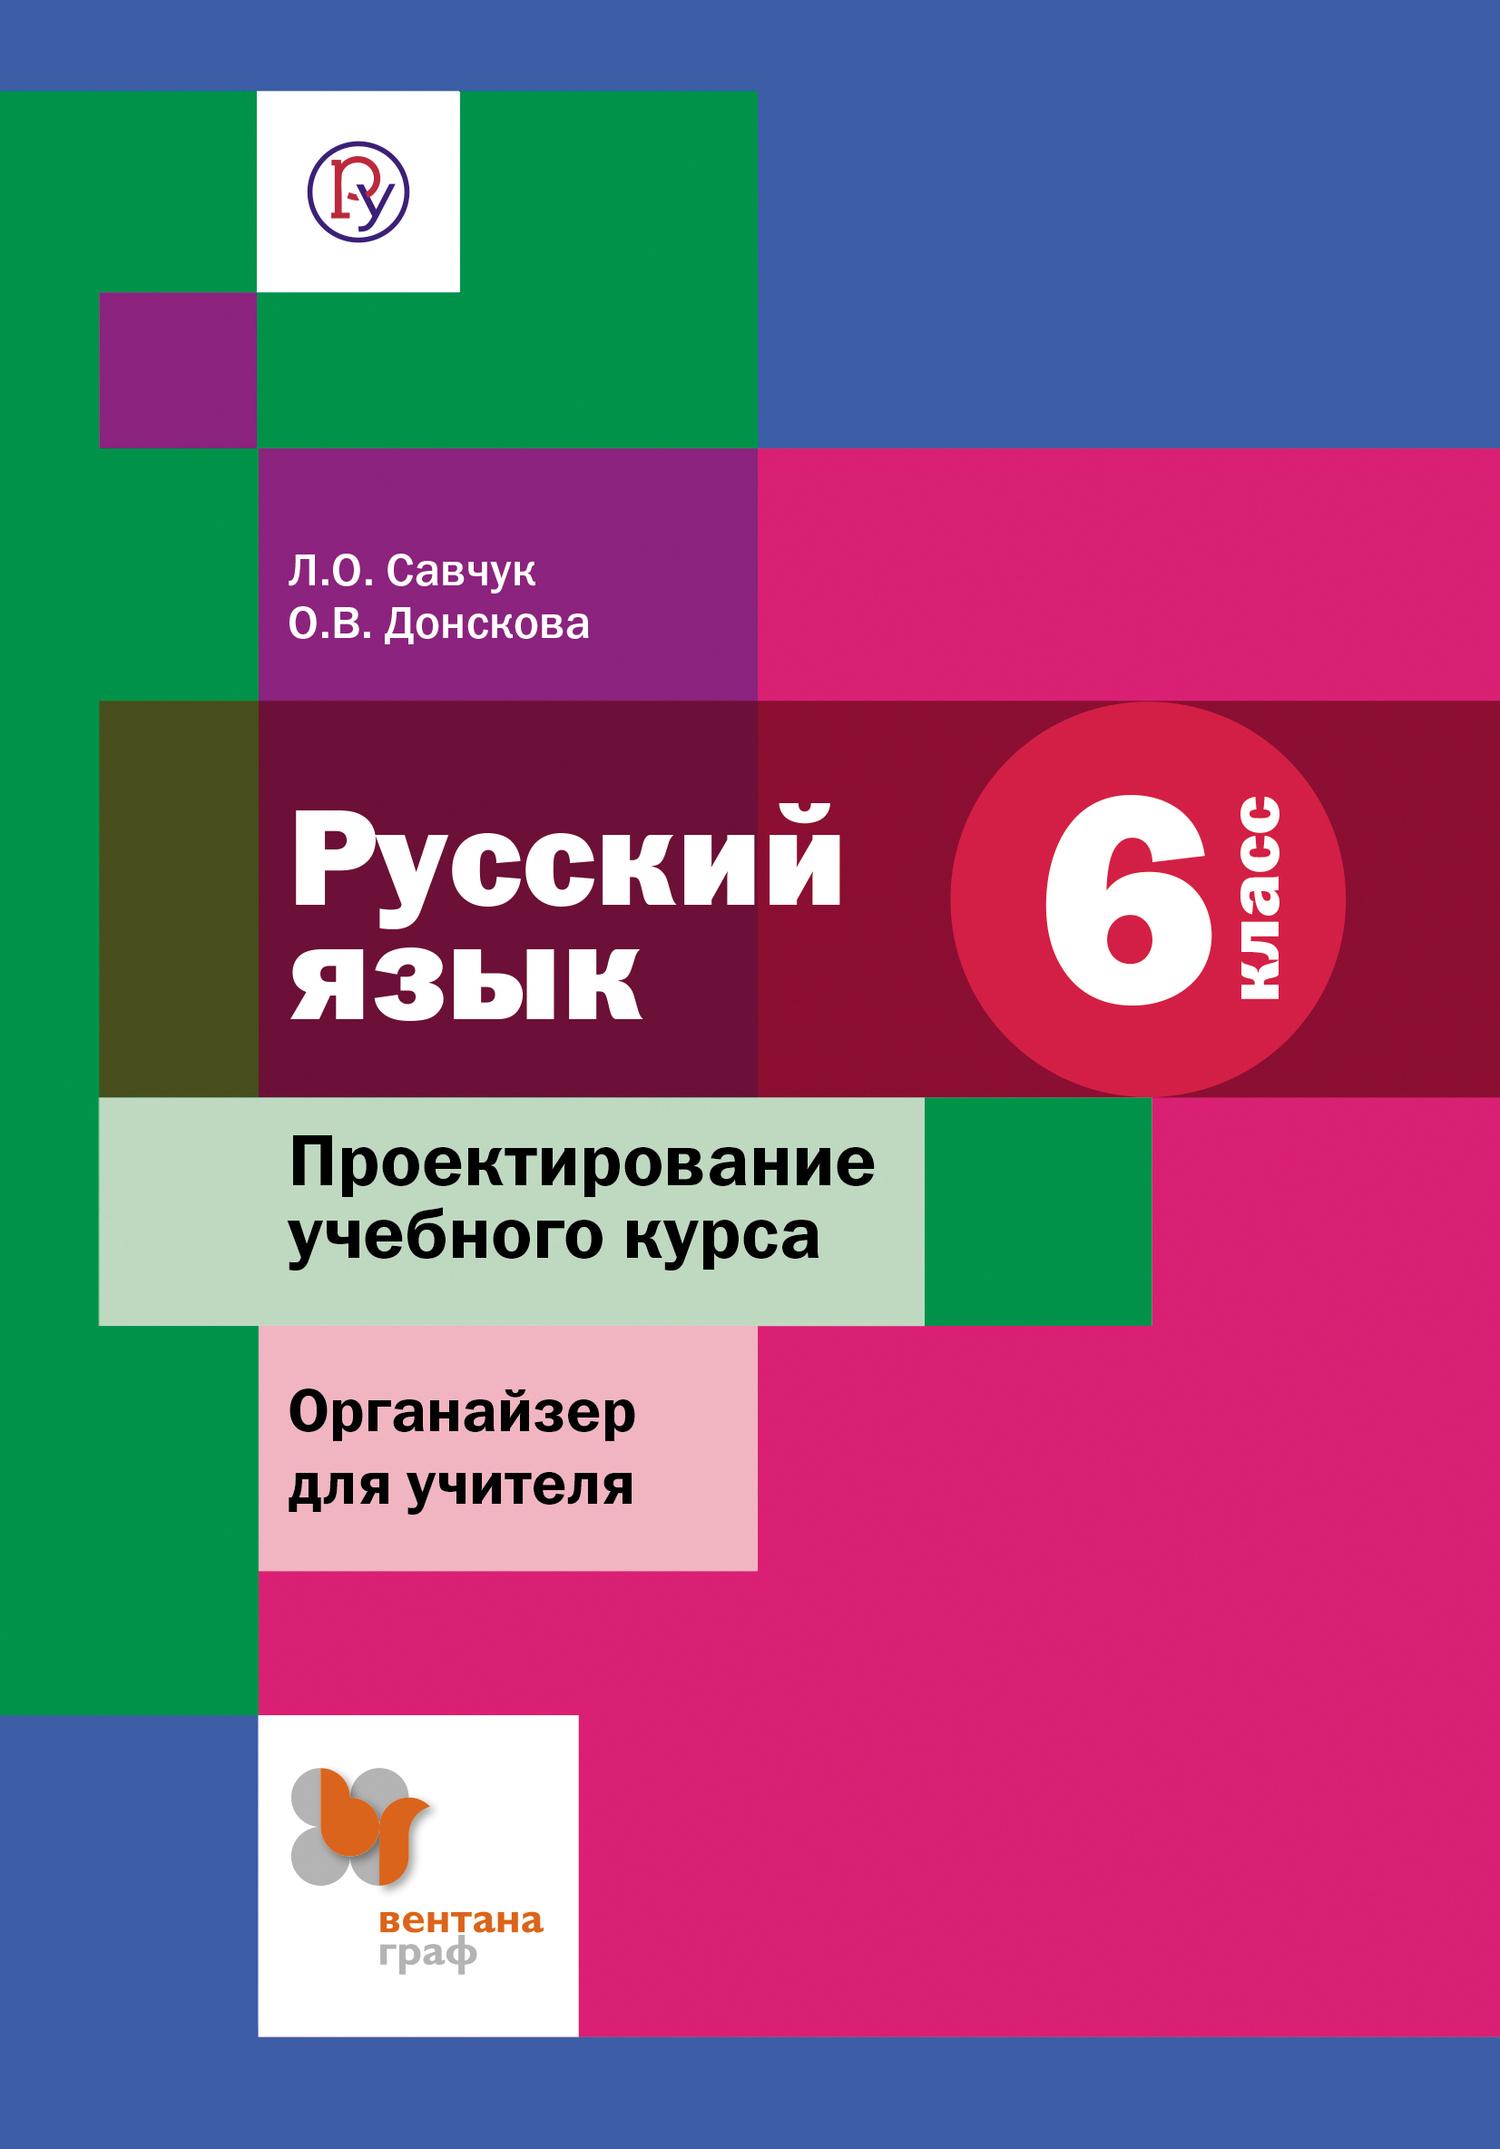 купить Л. О. Савчук Русский язык. 6класс. Проектирование учебного курса по цене 50 рублей